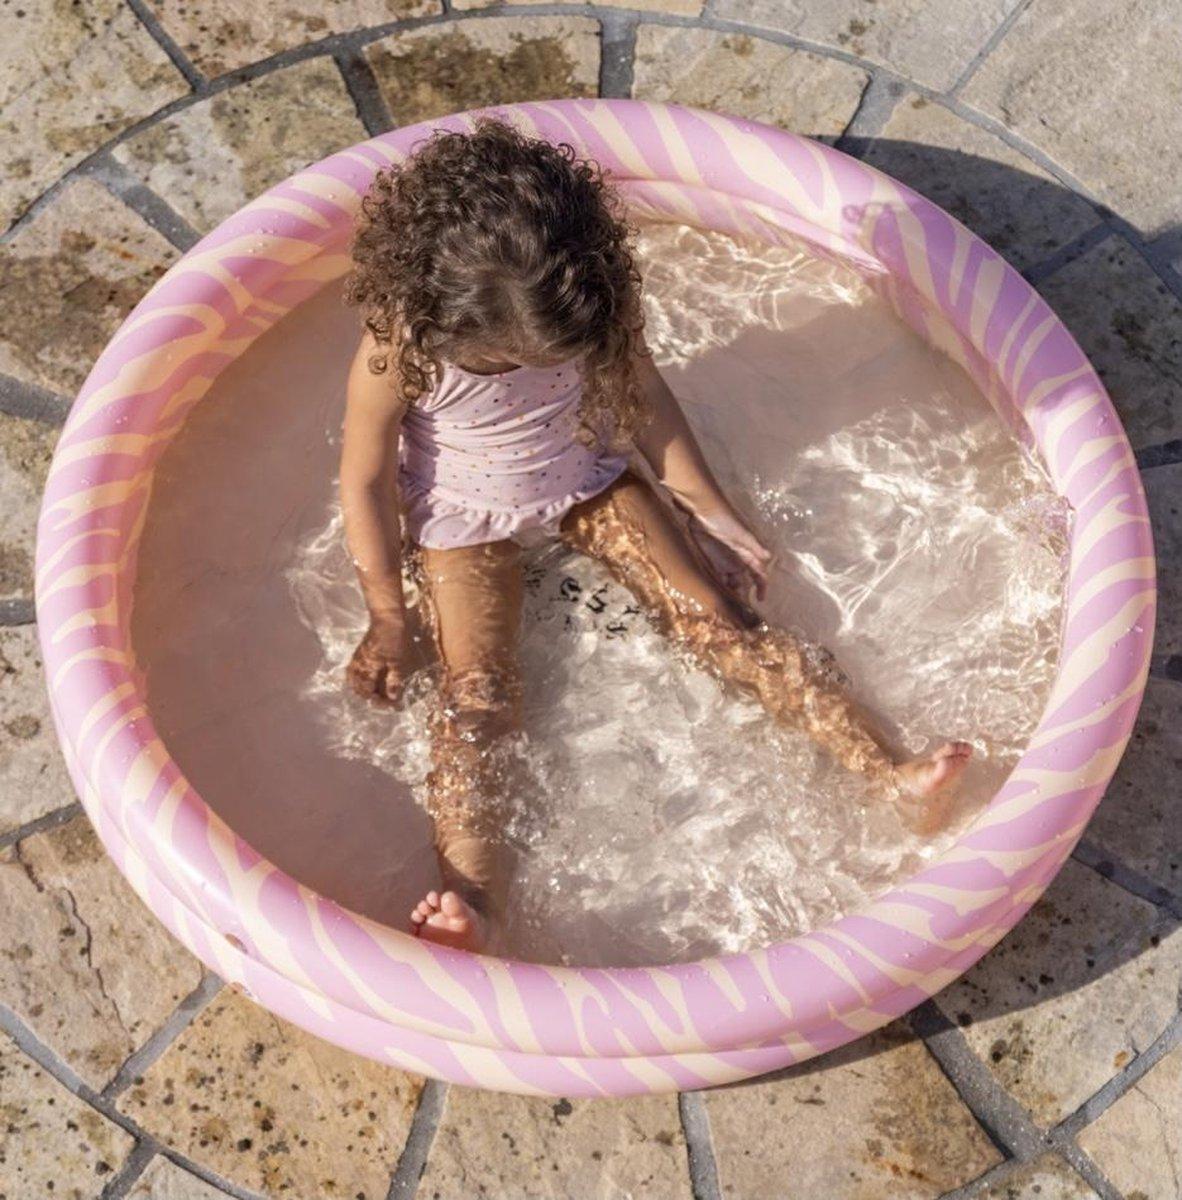 Swim Essentials kinderzwembad zebra (roze/geelgoud) - collectie 2021 - new collection - 100 cm - zwembad - babyzwembad - peuterzwembadje - zwembadje - zwemmen - zomer - baby - dreumes - peuter - kleuter - zebraprint - vakantie - kinderbadje